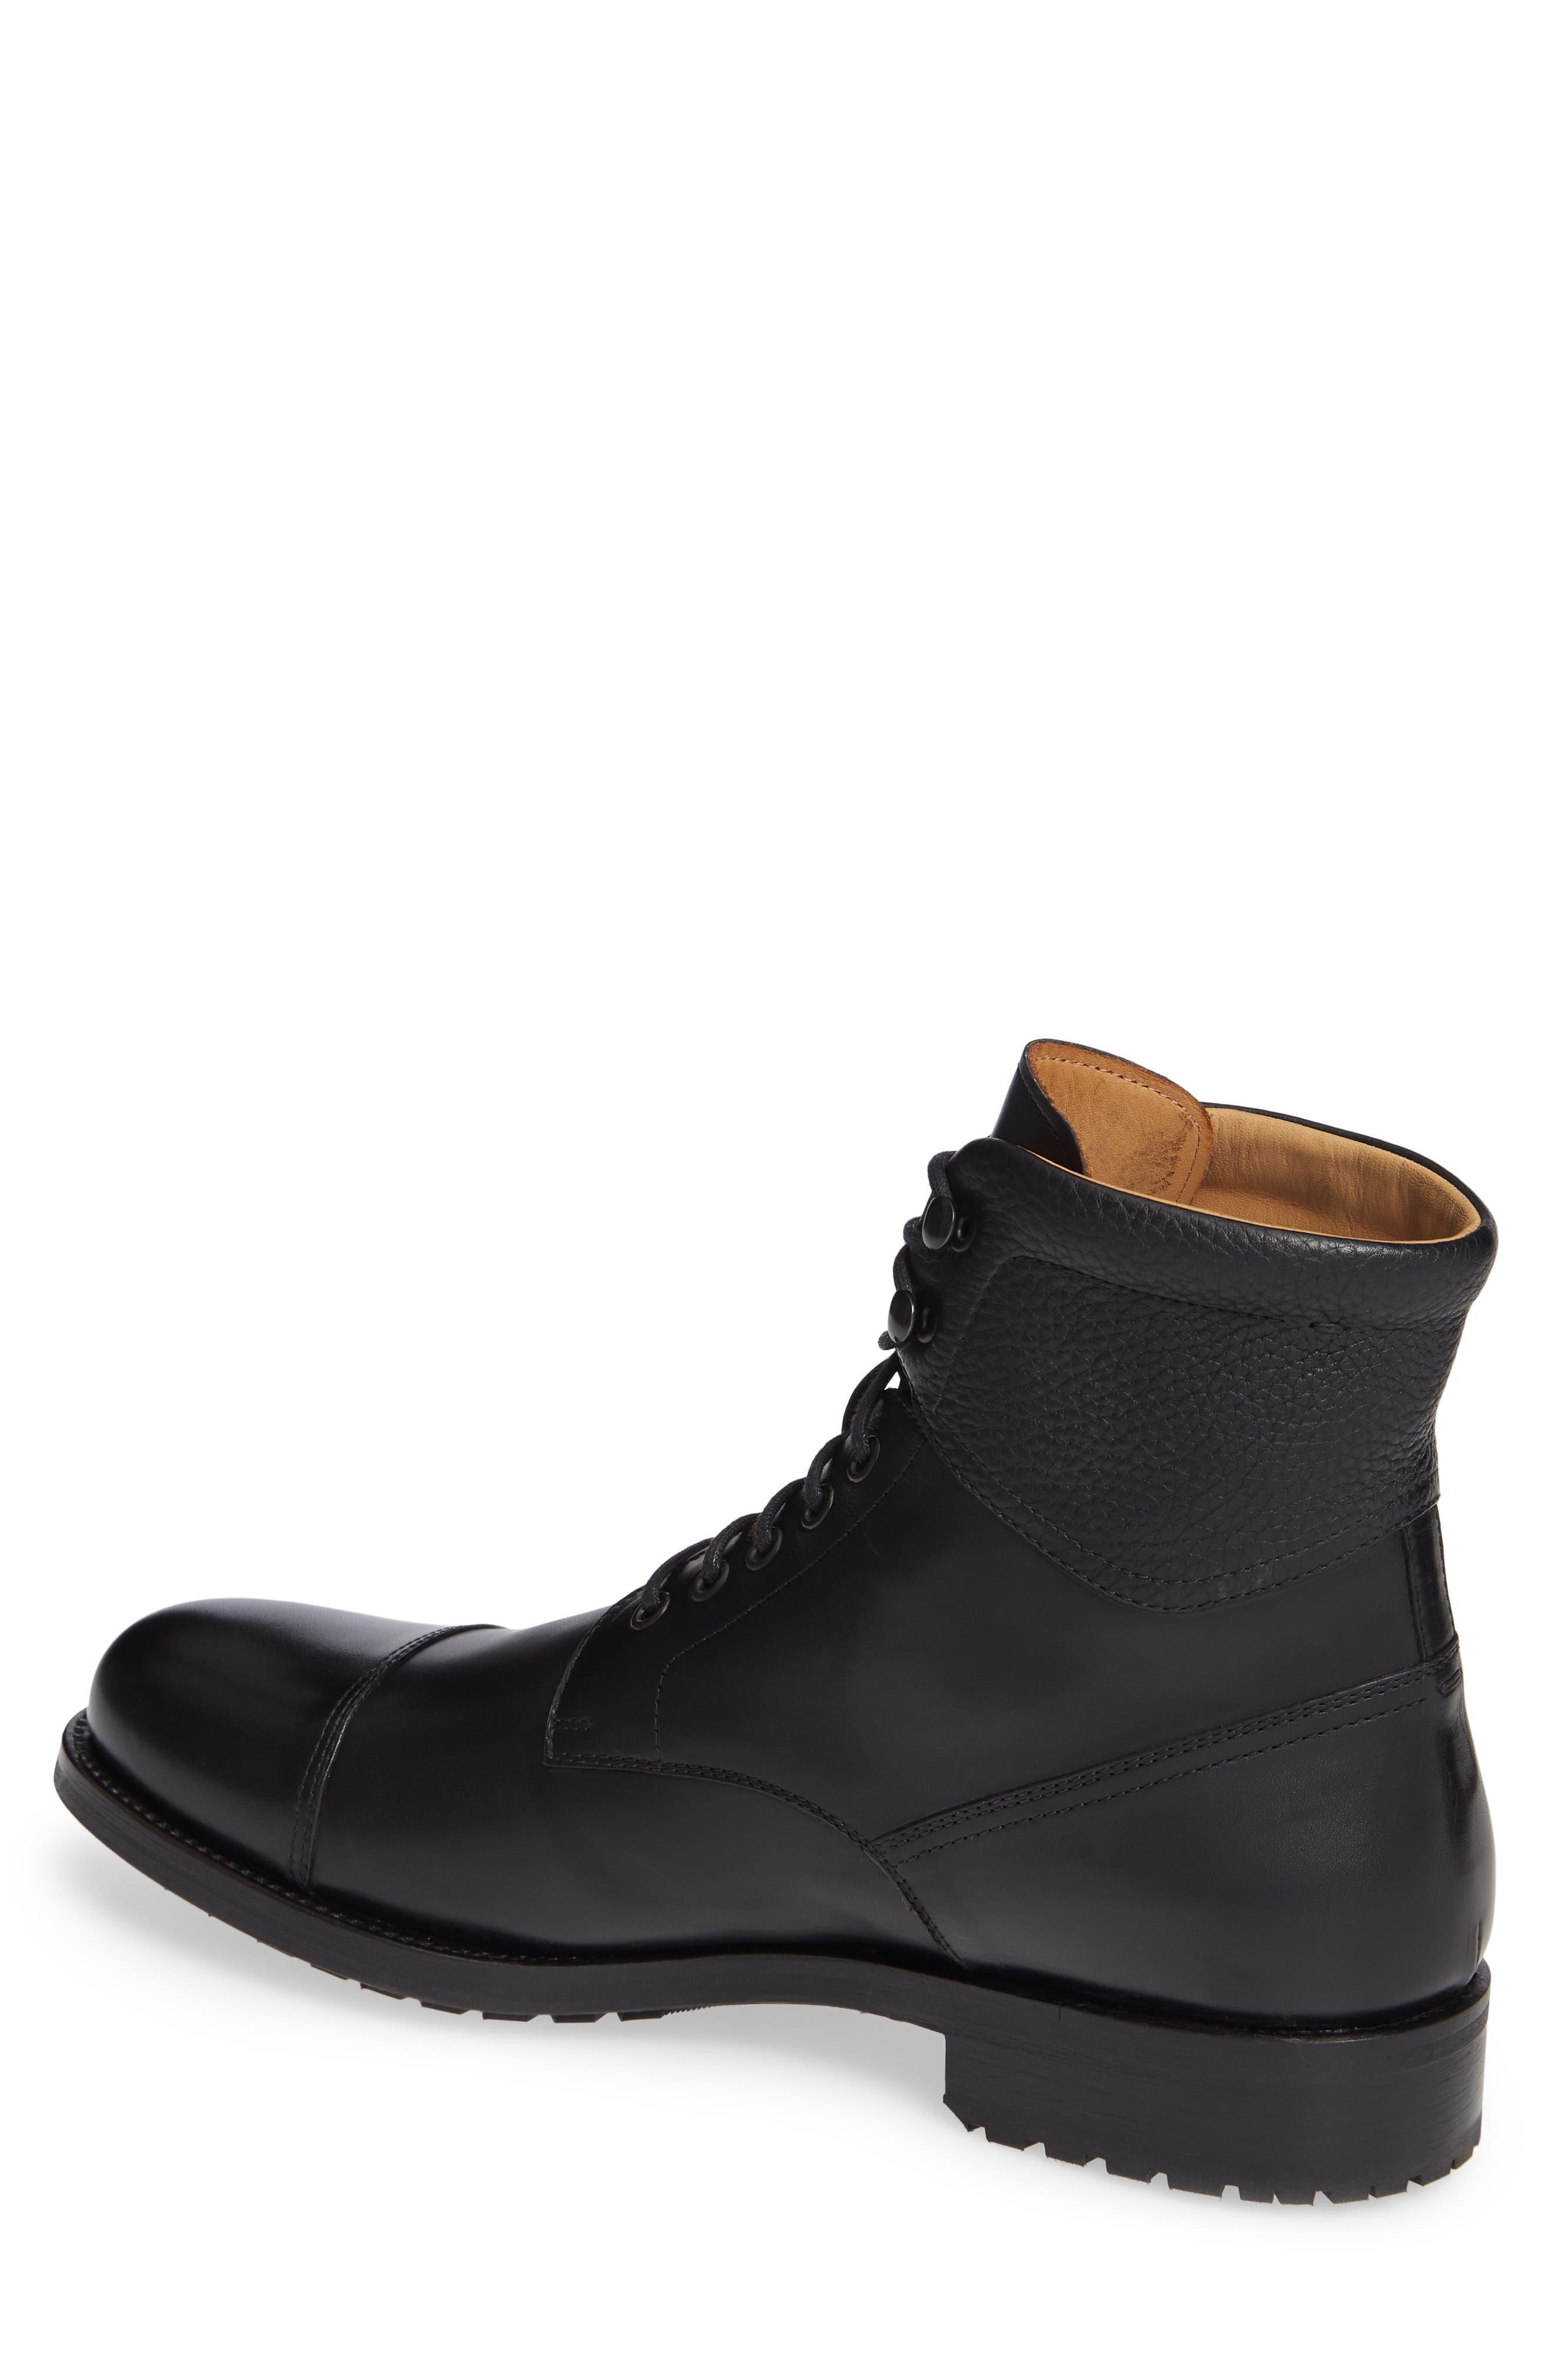 Peyton Cap Toe Boot,                             Alternate thumbnail 2, color,                             BLACK LEATHER